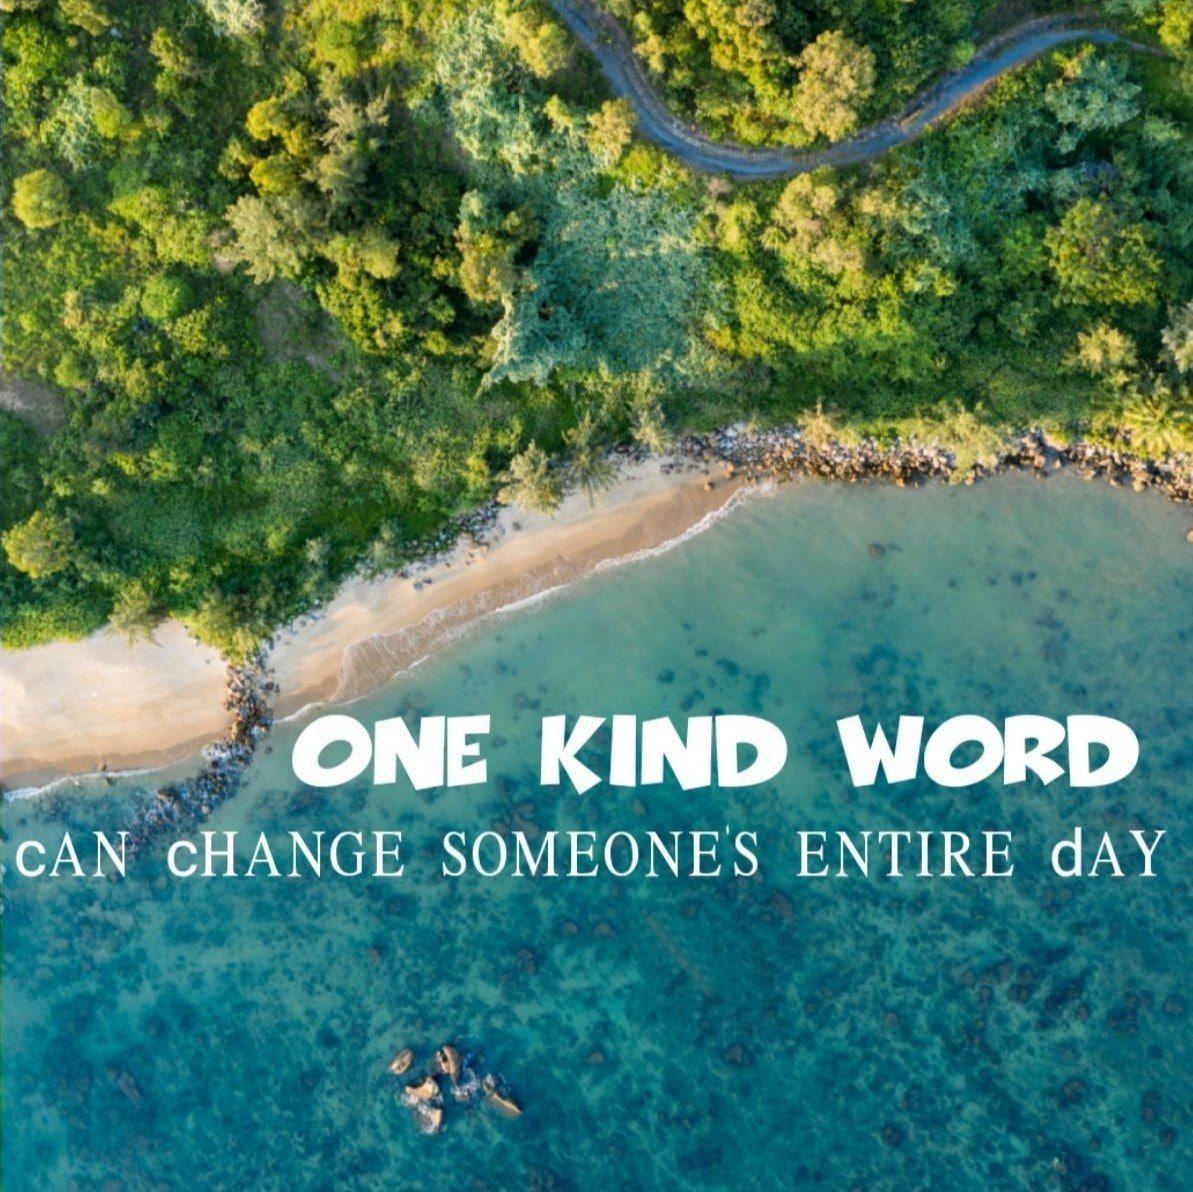 Ein freundliches Wort kann den ganzen Tag eines Menschen verändern. #SundayMotivation  #SundayThoughts